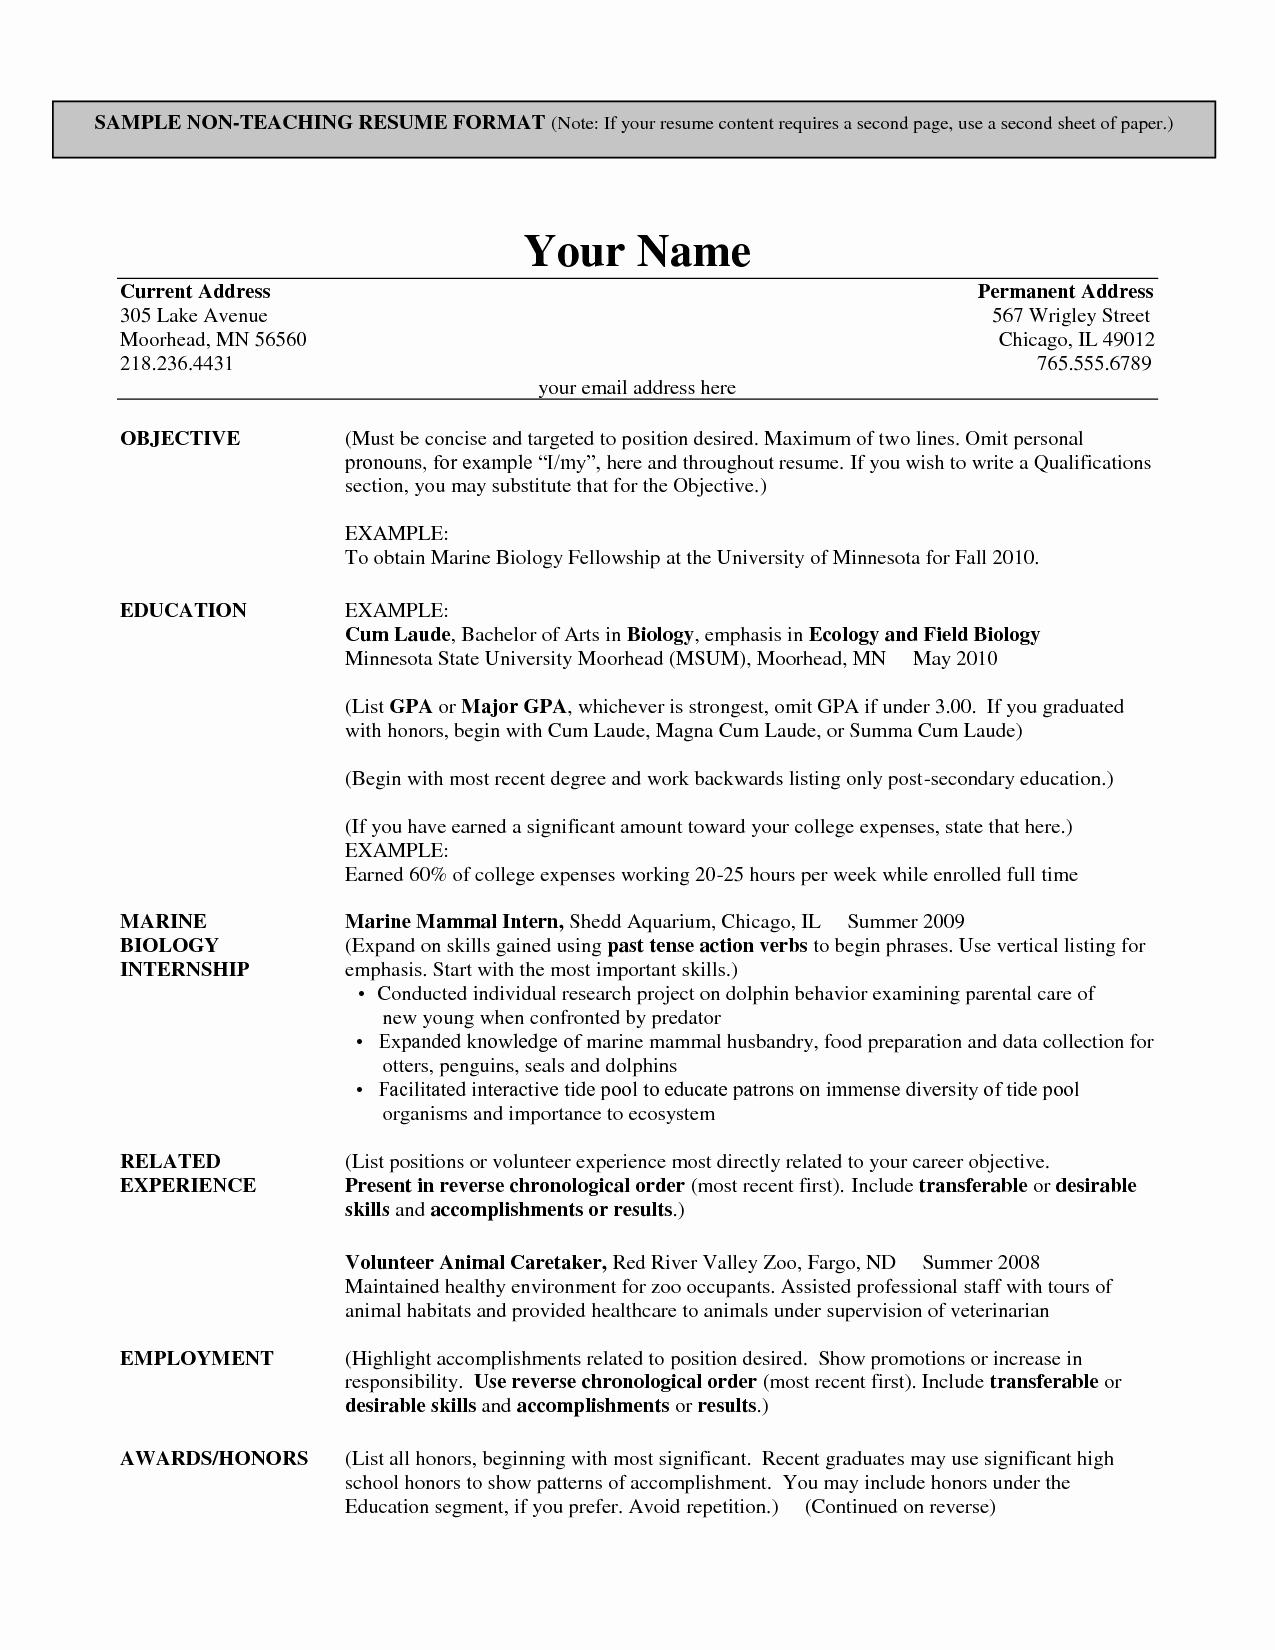 Resume format for Teacher Job In School Bongdaao